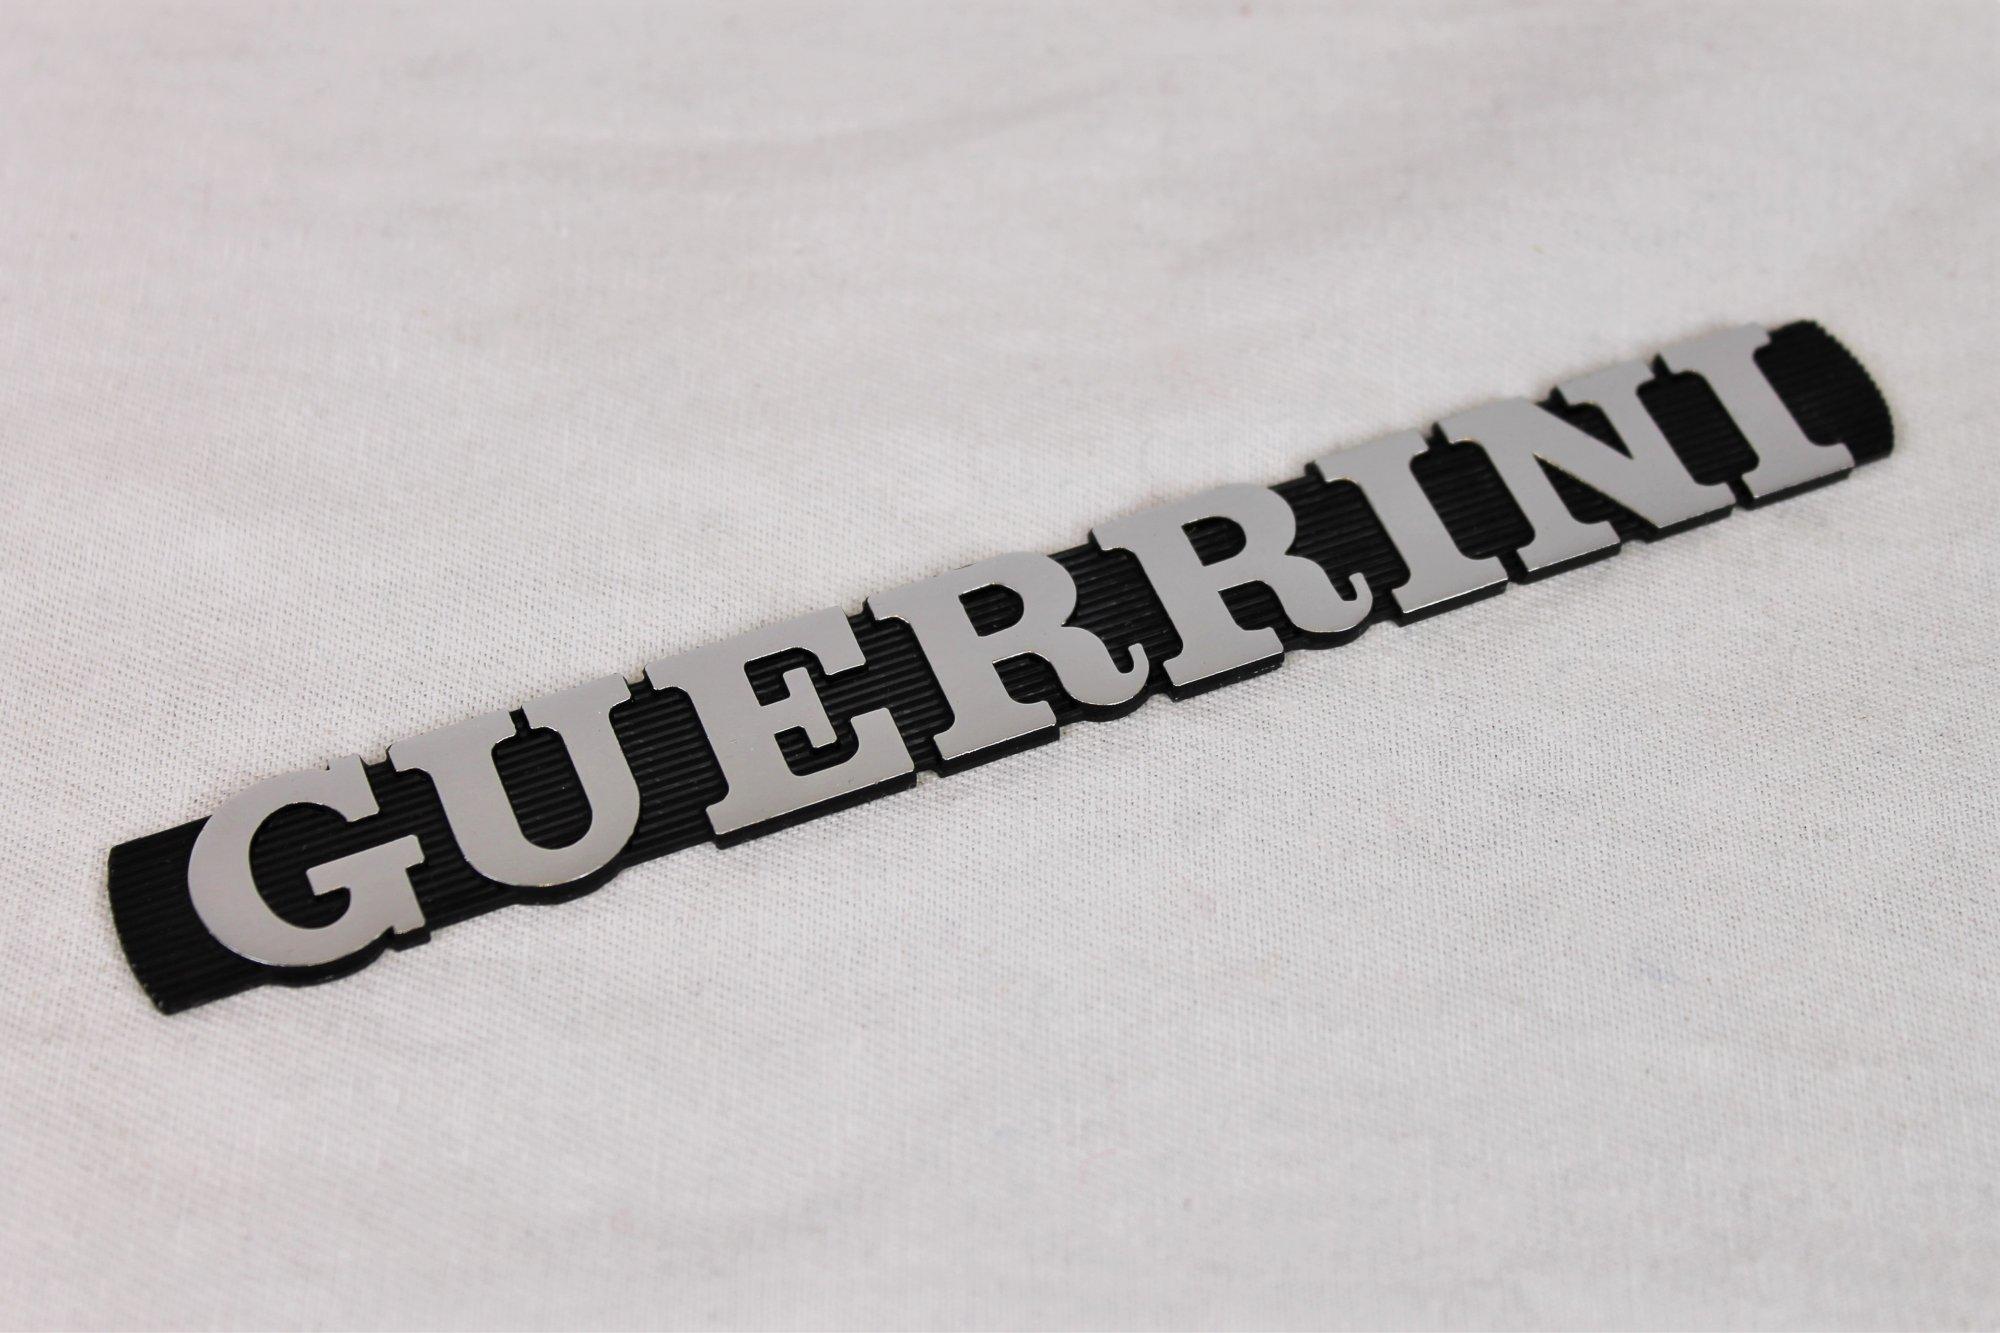 Accordion Part - Metal Guerrini Logo Emblem